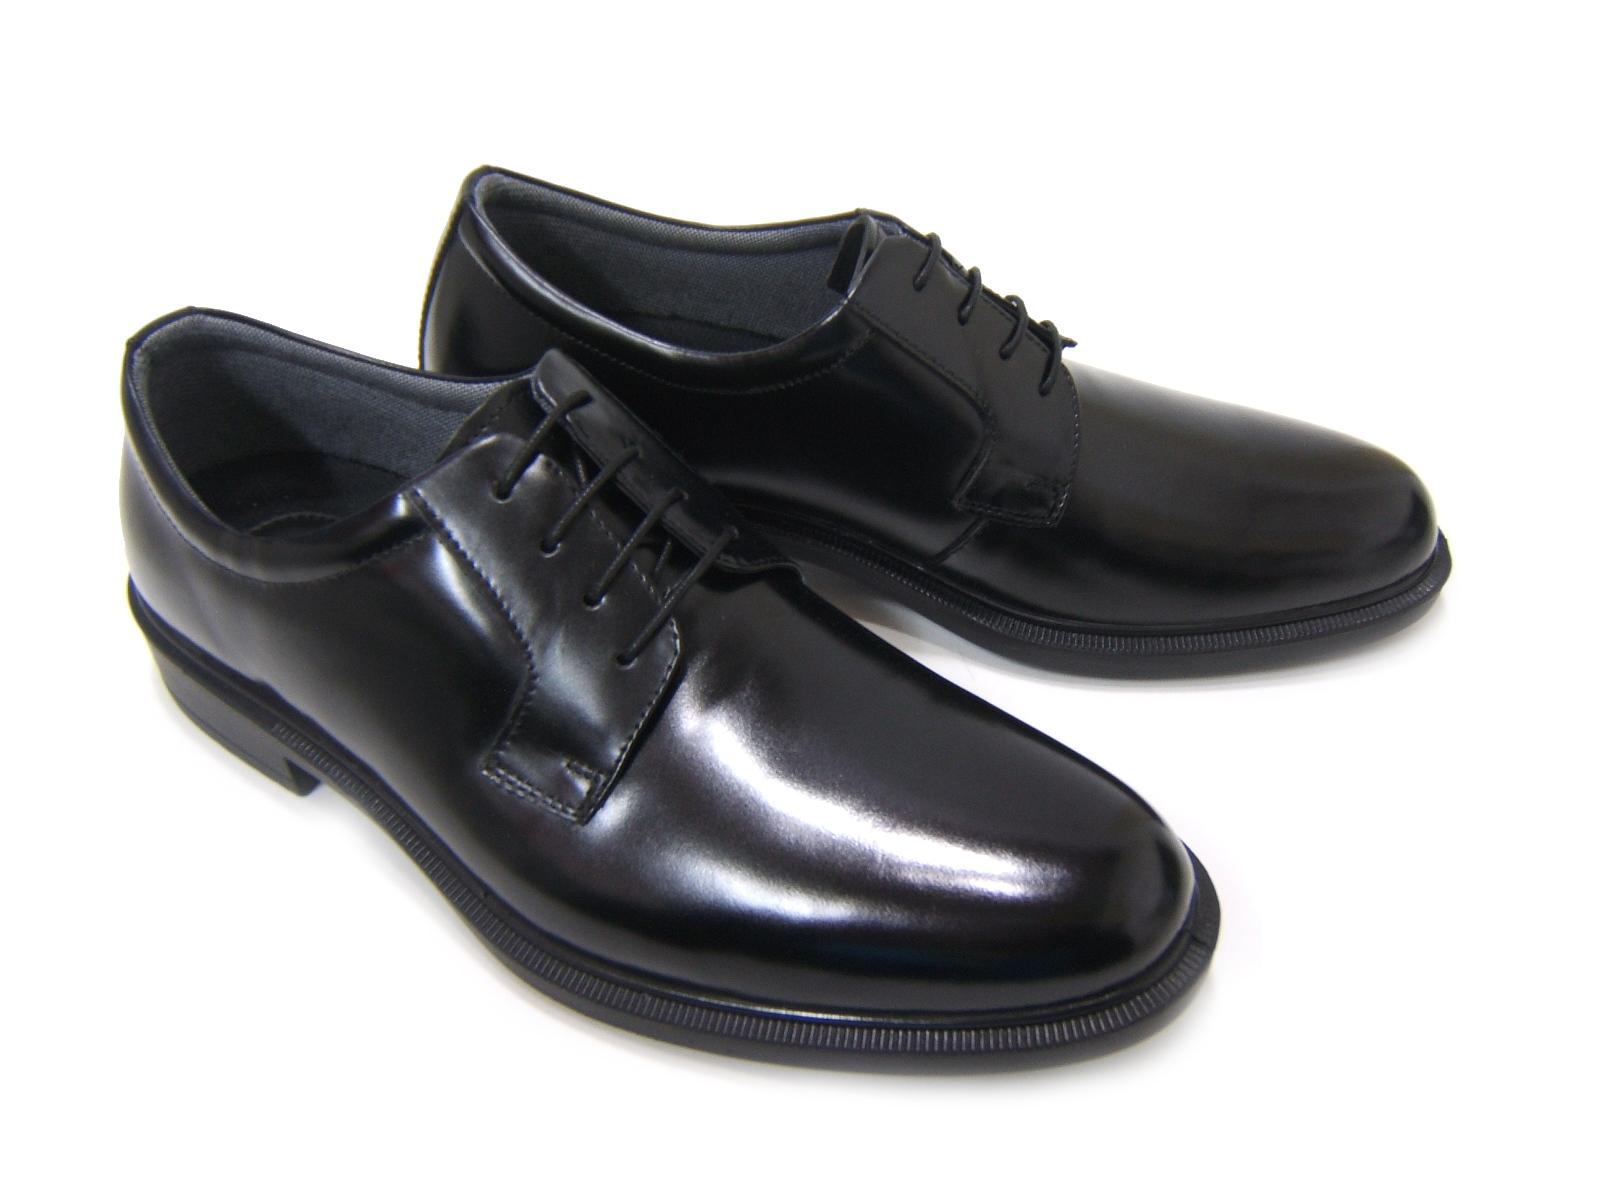 高防水性&透湿性&屈曲性!3拍子揃った紳士靴♪WBF/ハイパフォーマンス シューズ 紳士靴 ビジネスシューズ プレーントゥ 外羽根 送料無料 ブラック ポイント10倍